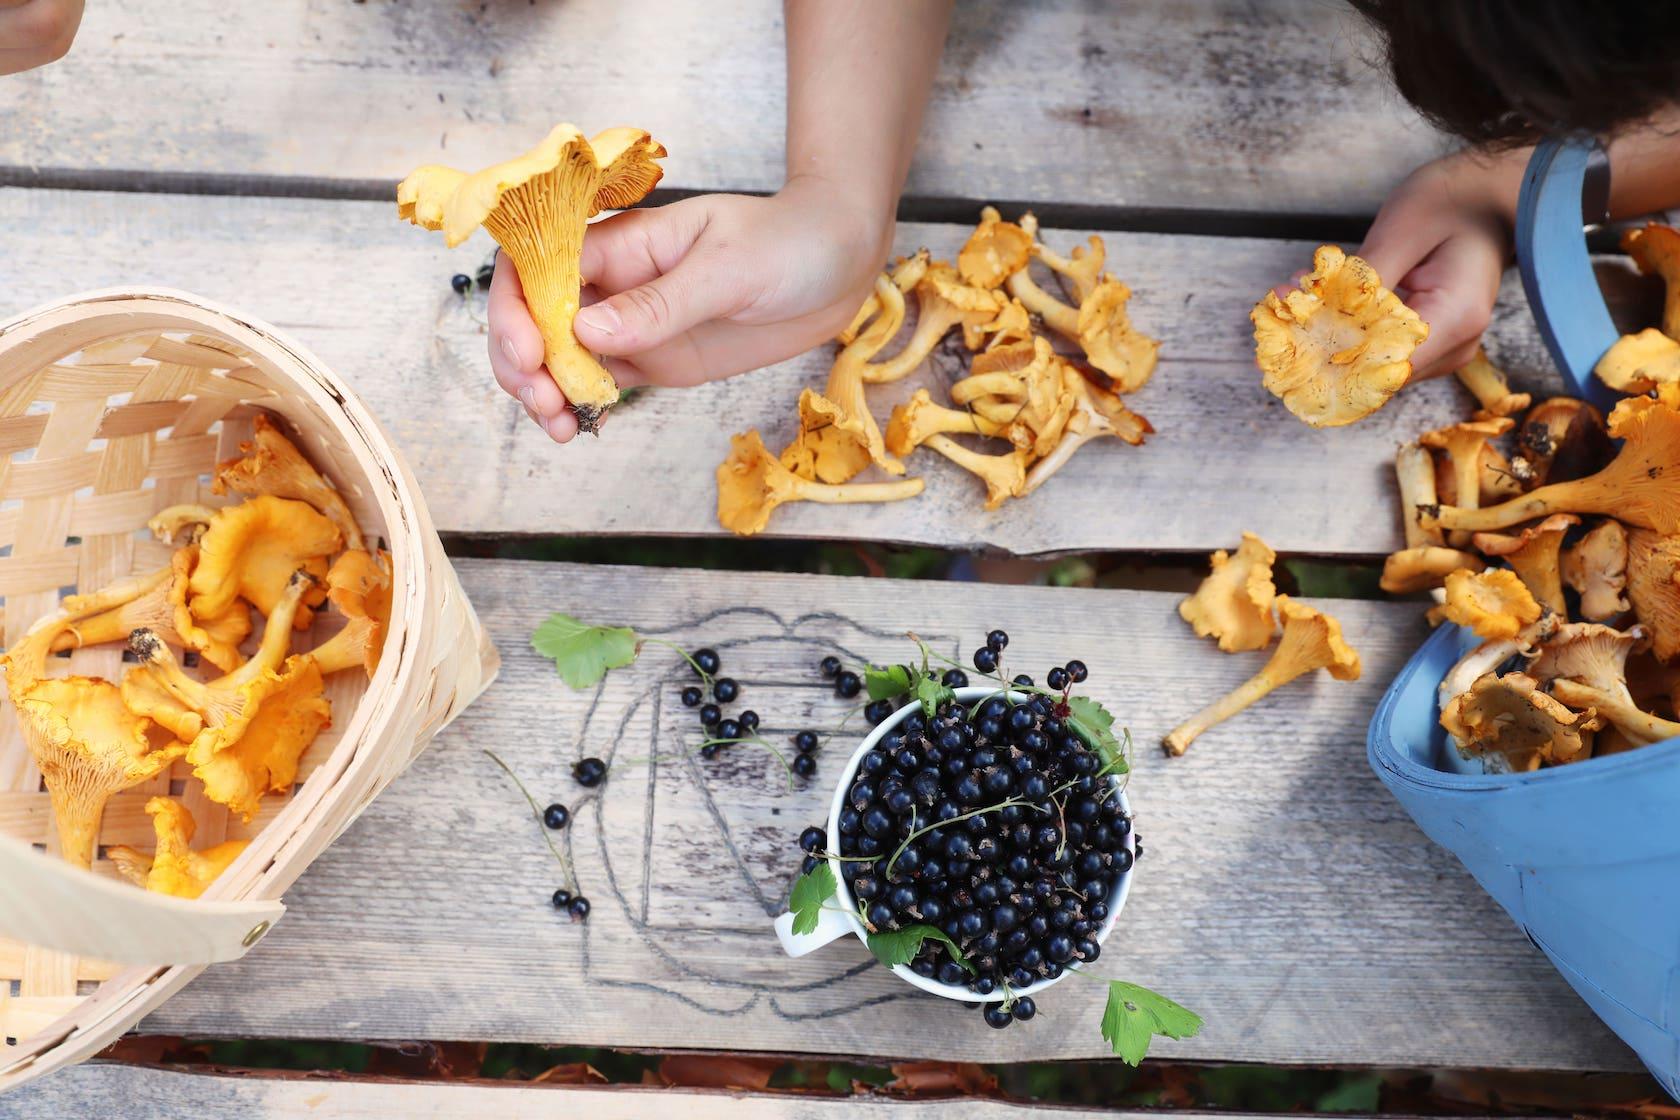 Pilze und Beeren aus der Natur Finnlands sammeln